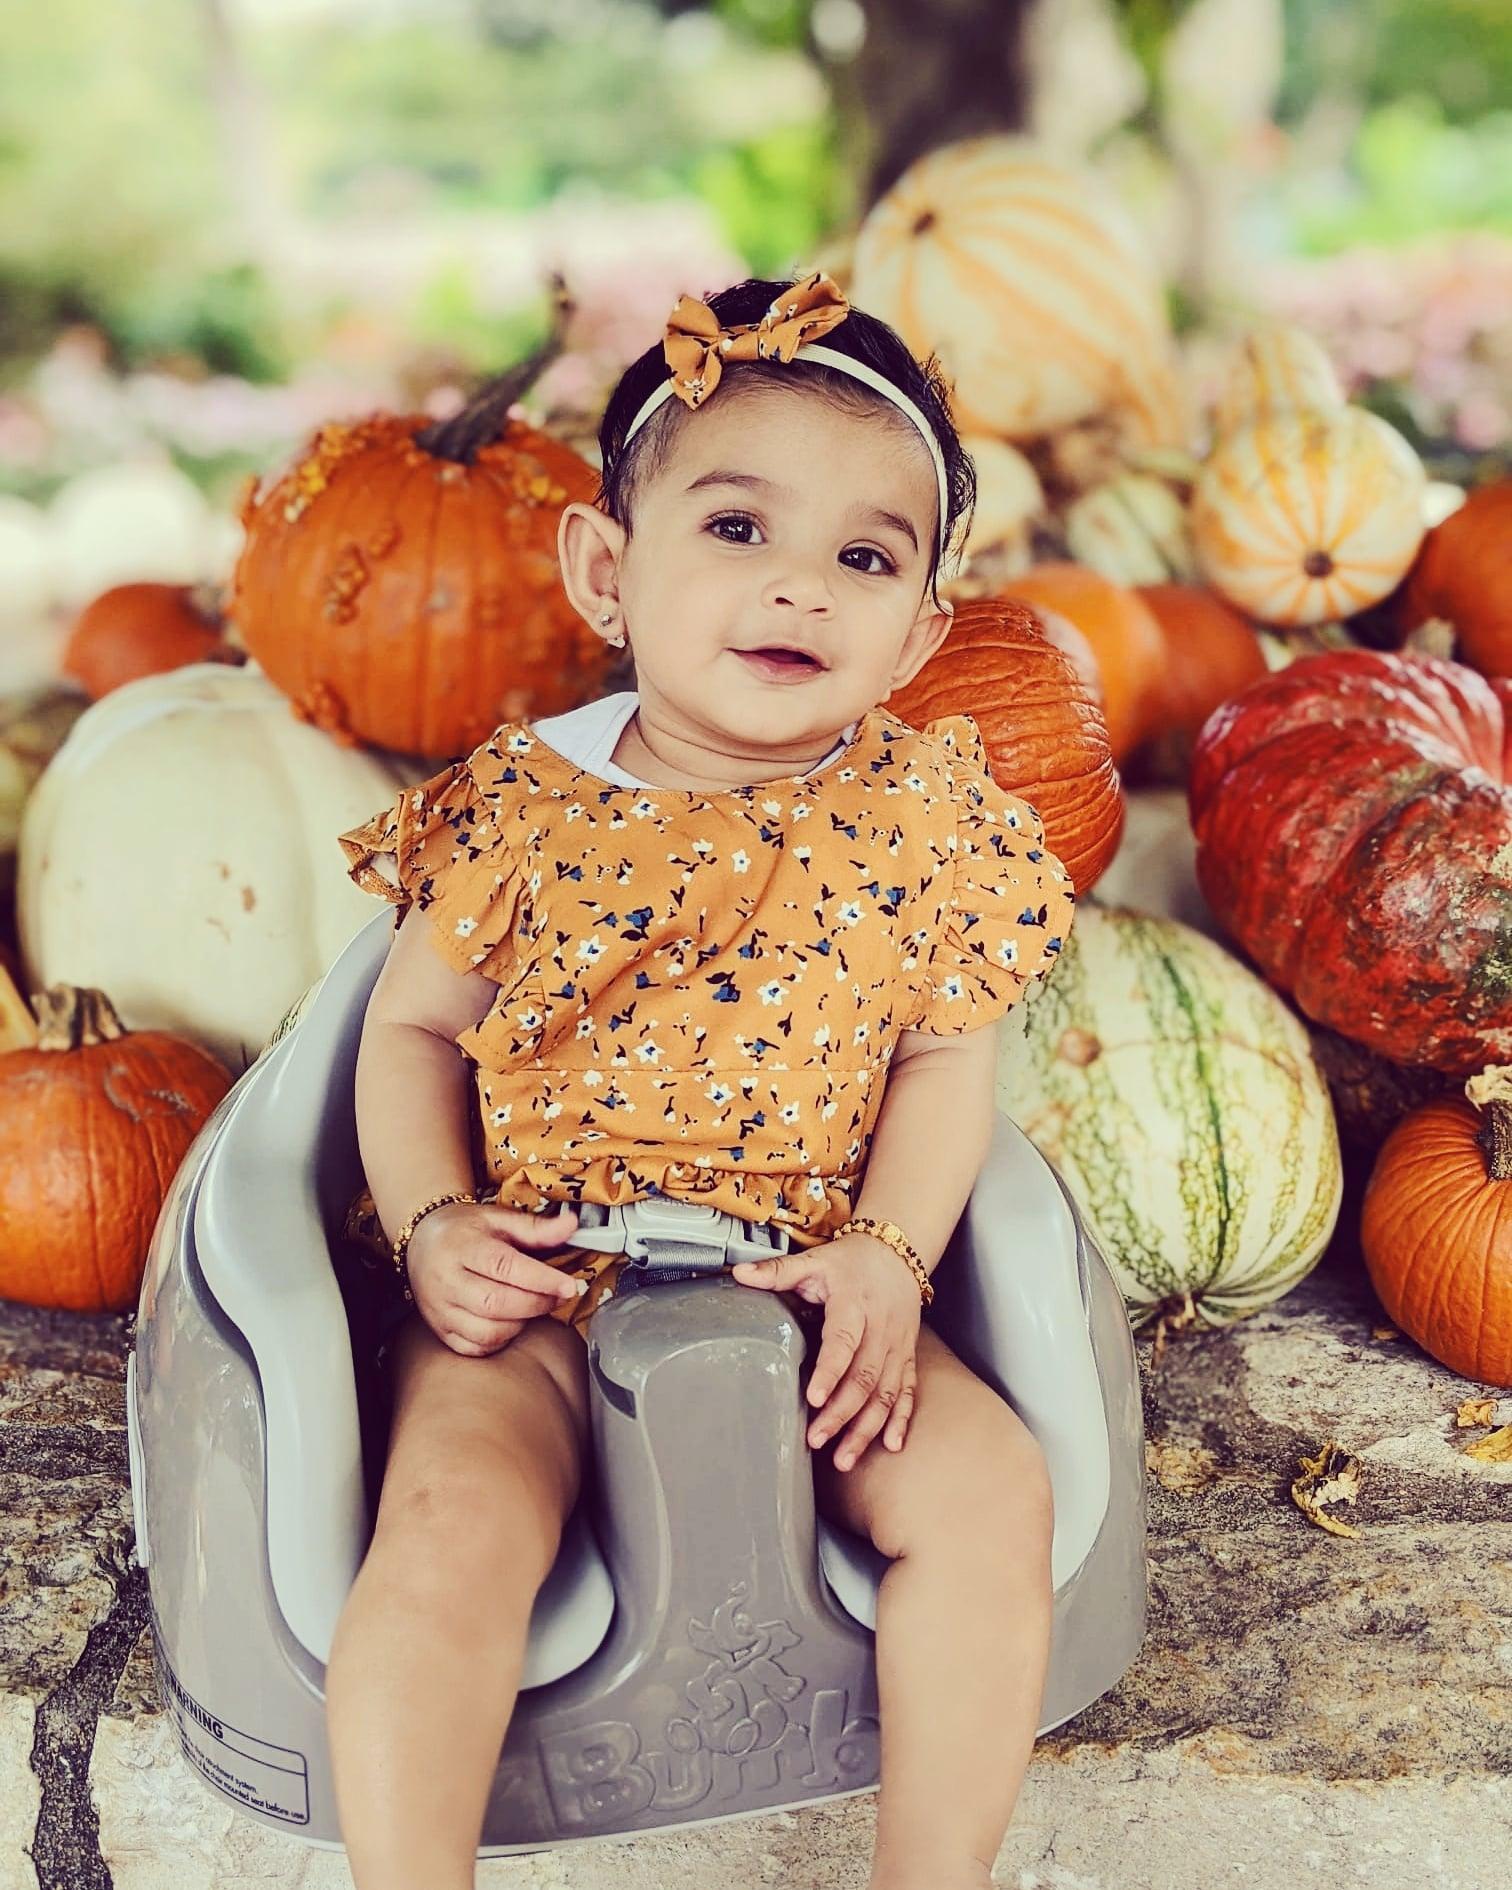 Alia Kamilah Khan baby photo